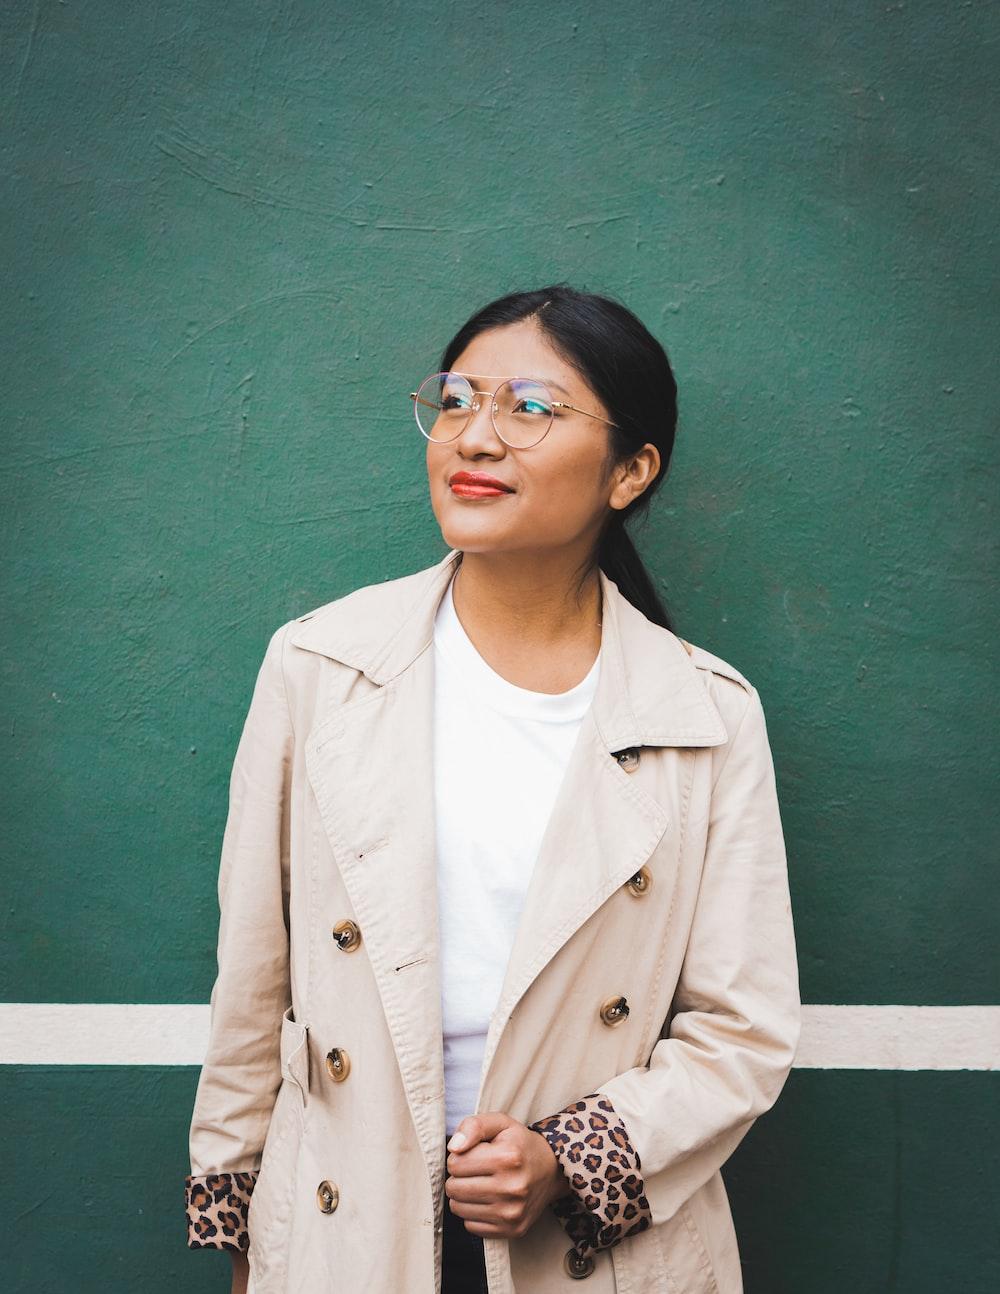 woman in beige coat standing near green wall